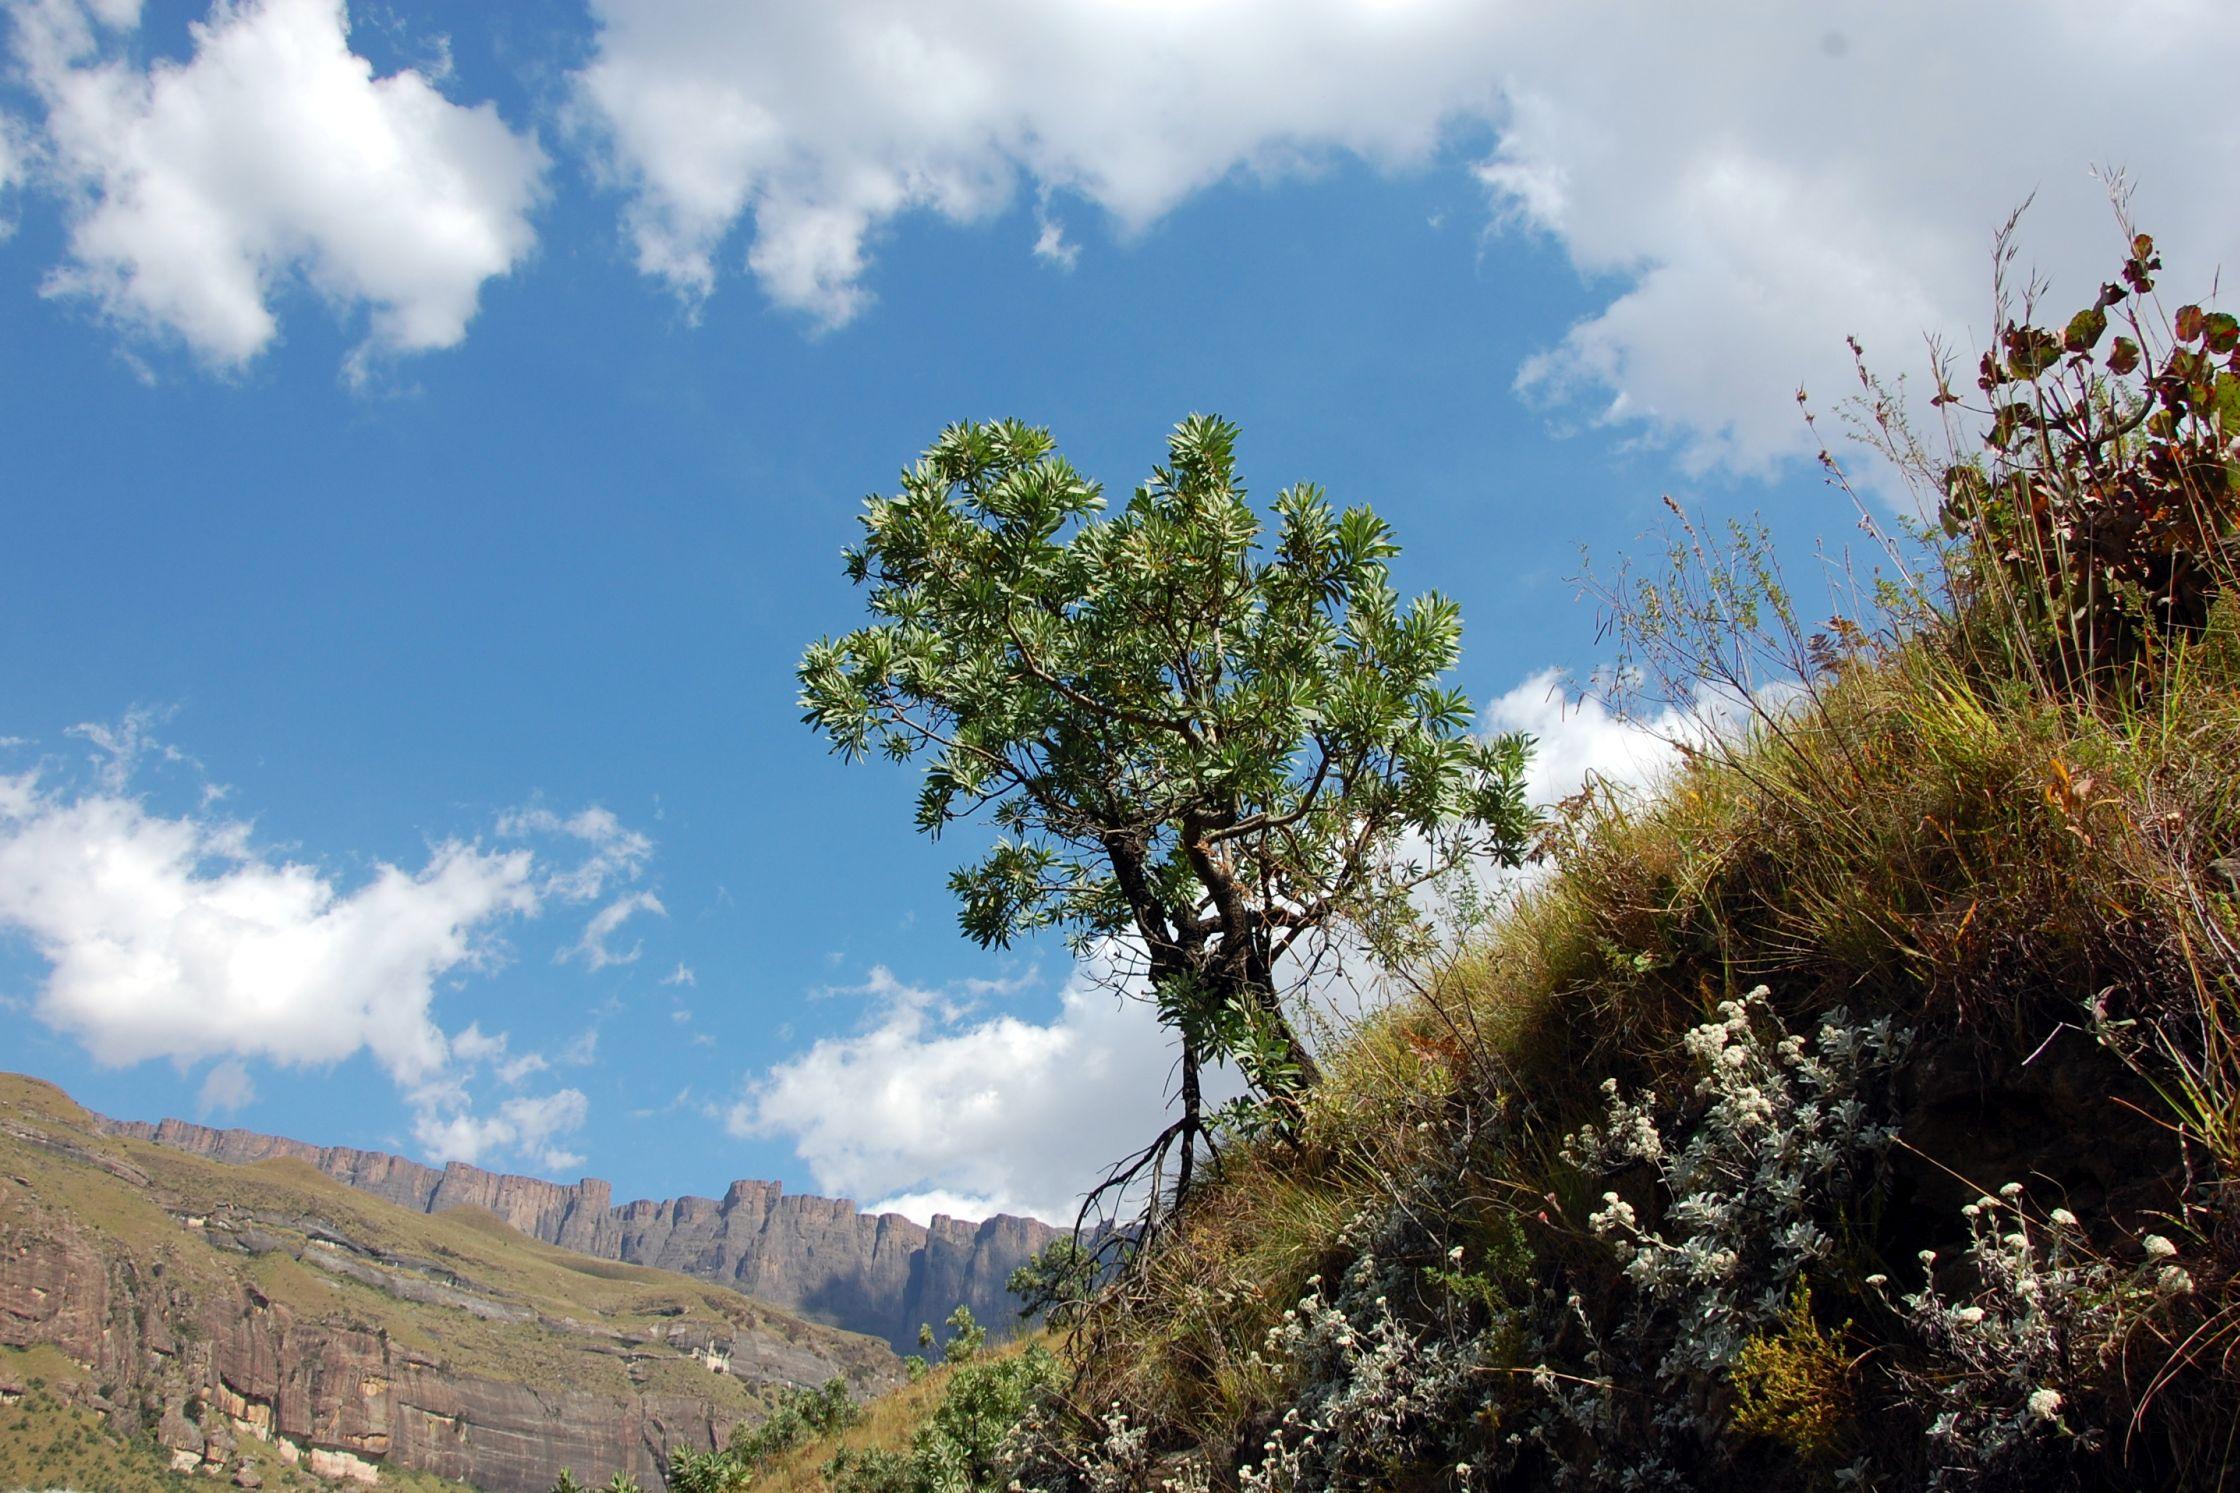 Die Blüte der Königsprothea ist das Wappenzeichen Südafrikas.